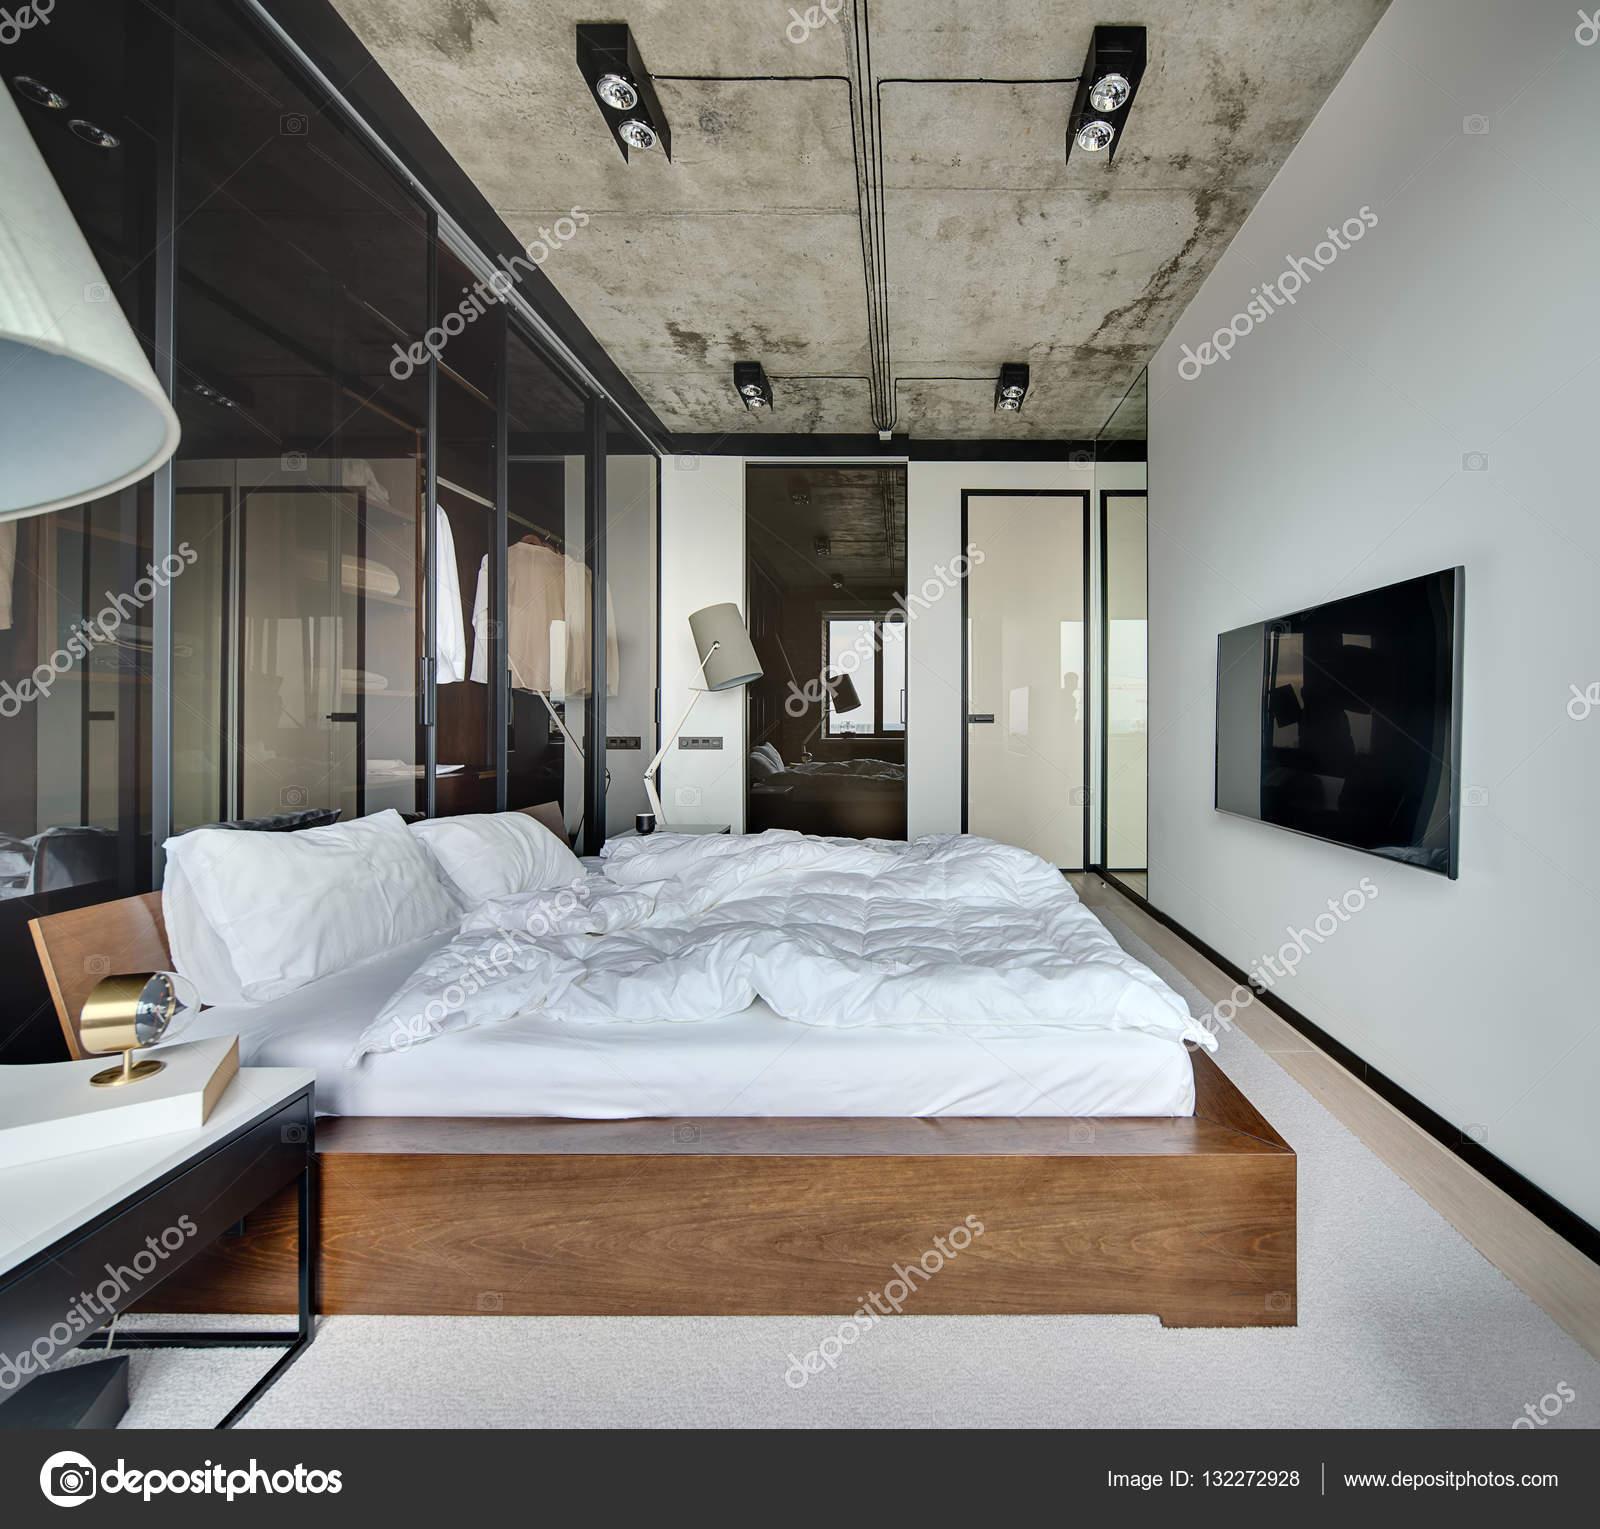 Sypialnia W Stylu Loft Zdjęcie Stockowe Bezikus 132272928